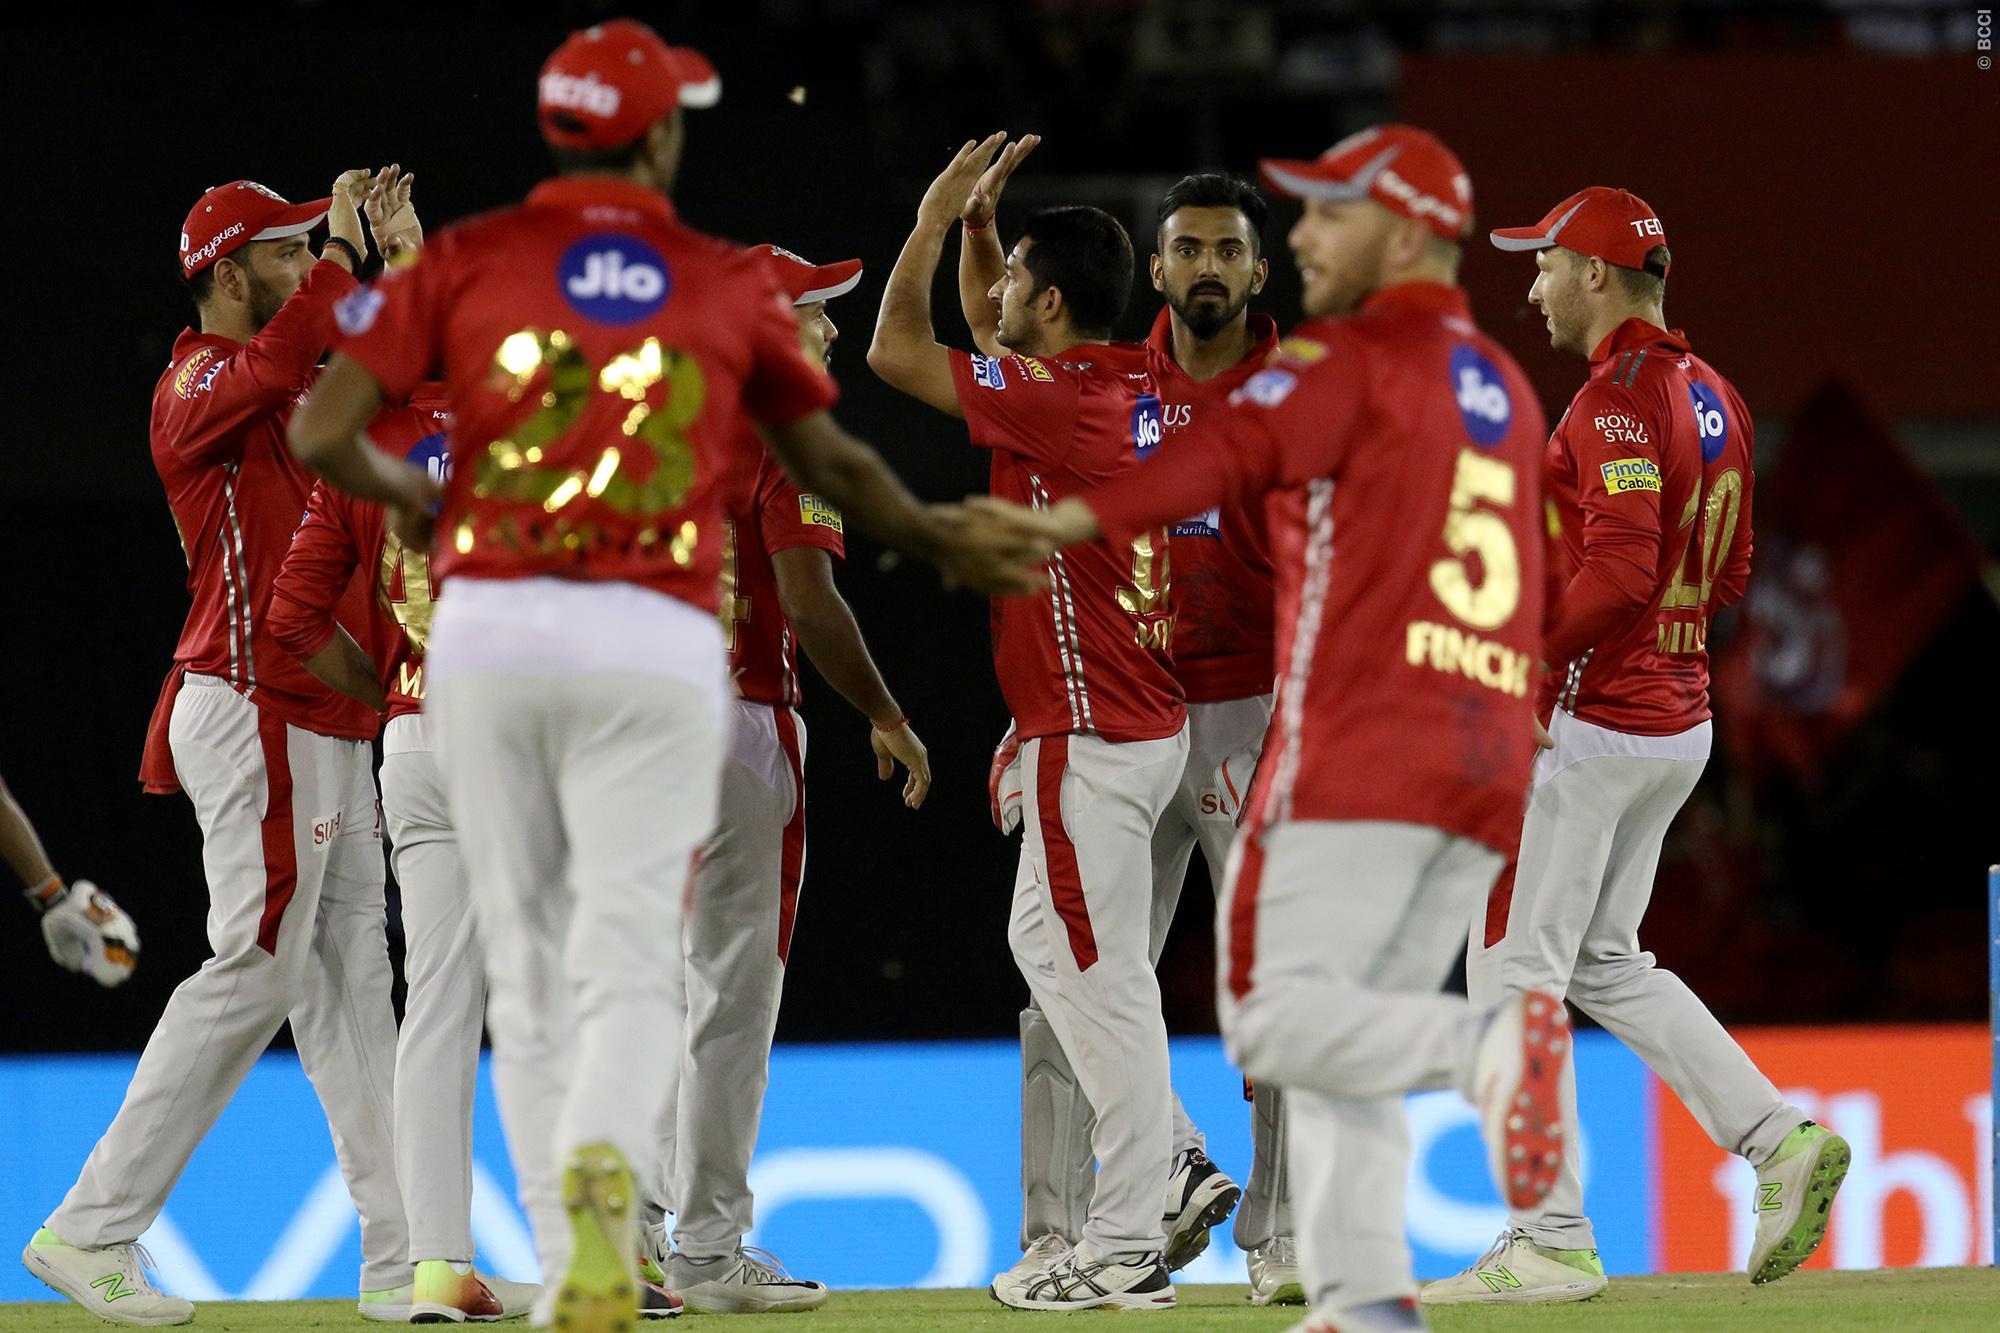 सन राइजर्स के कप्तान केन विलियम्सन ने सीधे तौर पर इस खिलाड़ी के सिर फोड़ा हैदराबाद की हार का ठीकरा 2